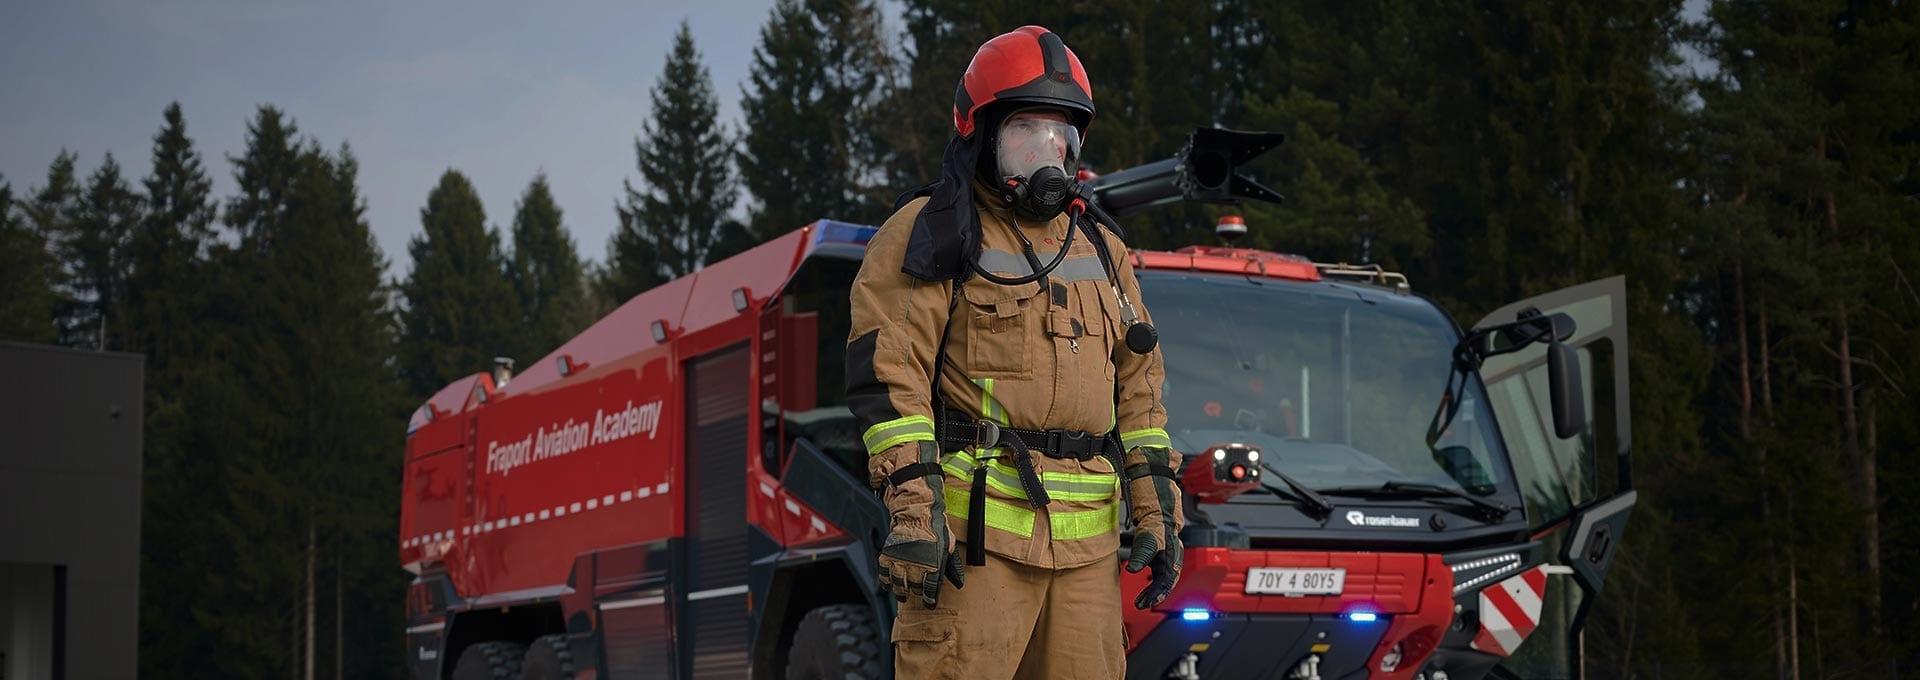 Wäschereilösüngen für die Feuerwehr